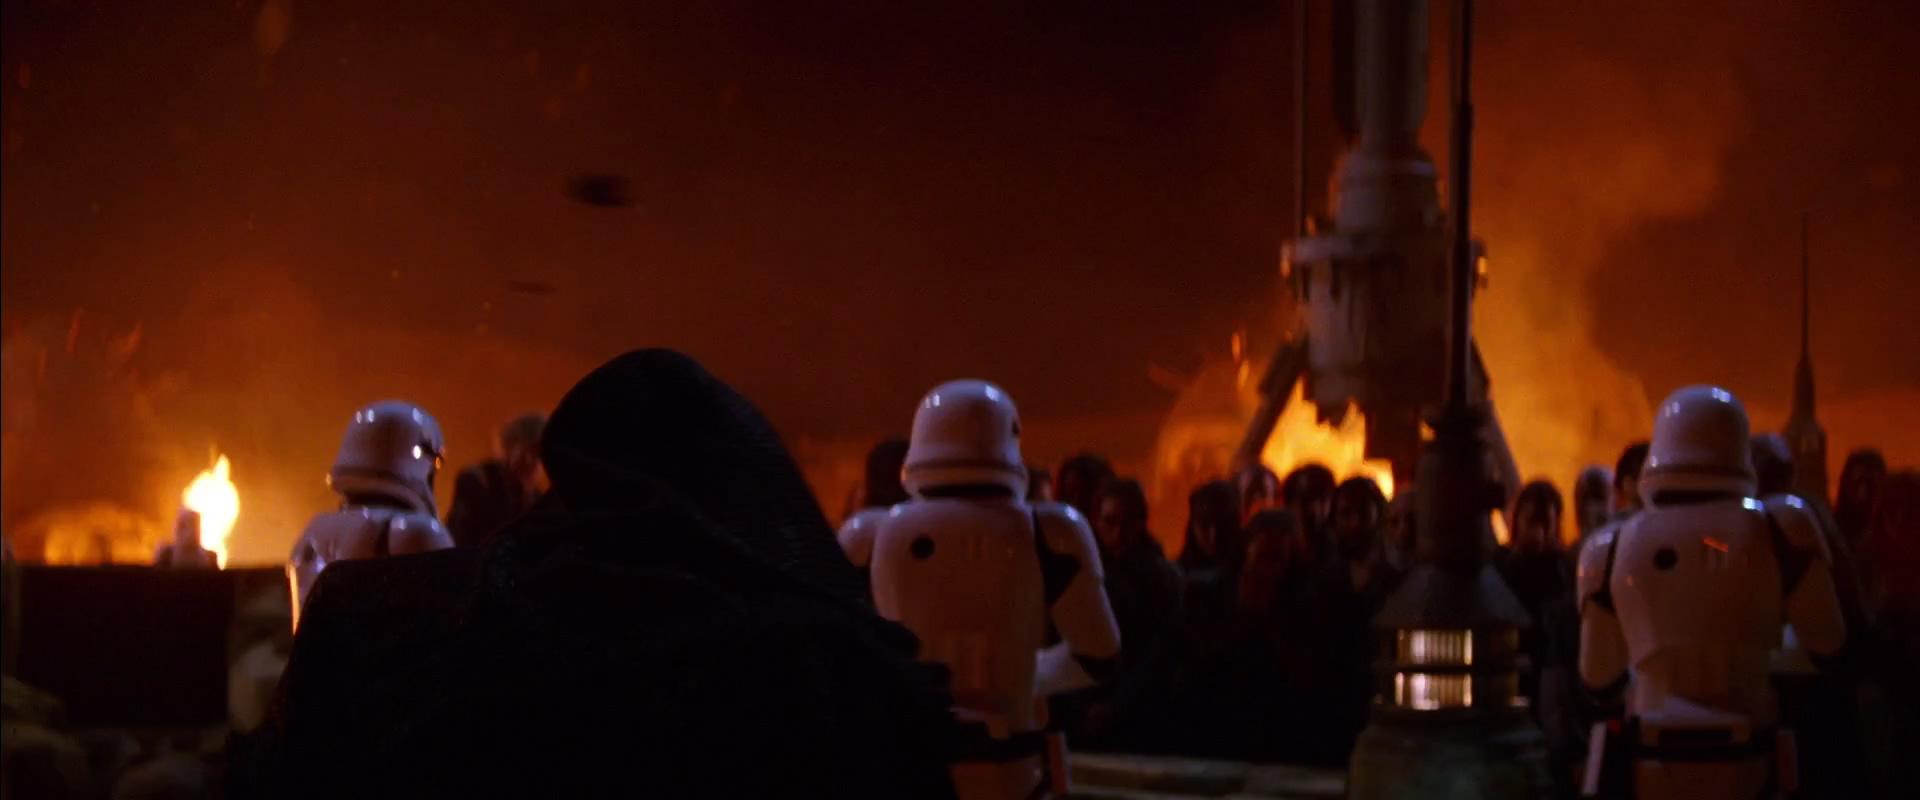 Star Wars  The Force Awakens Official Teaser #2 1699.jpg